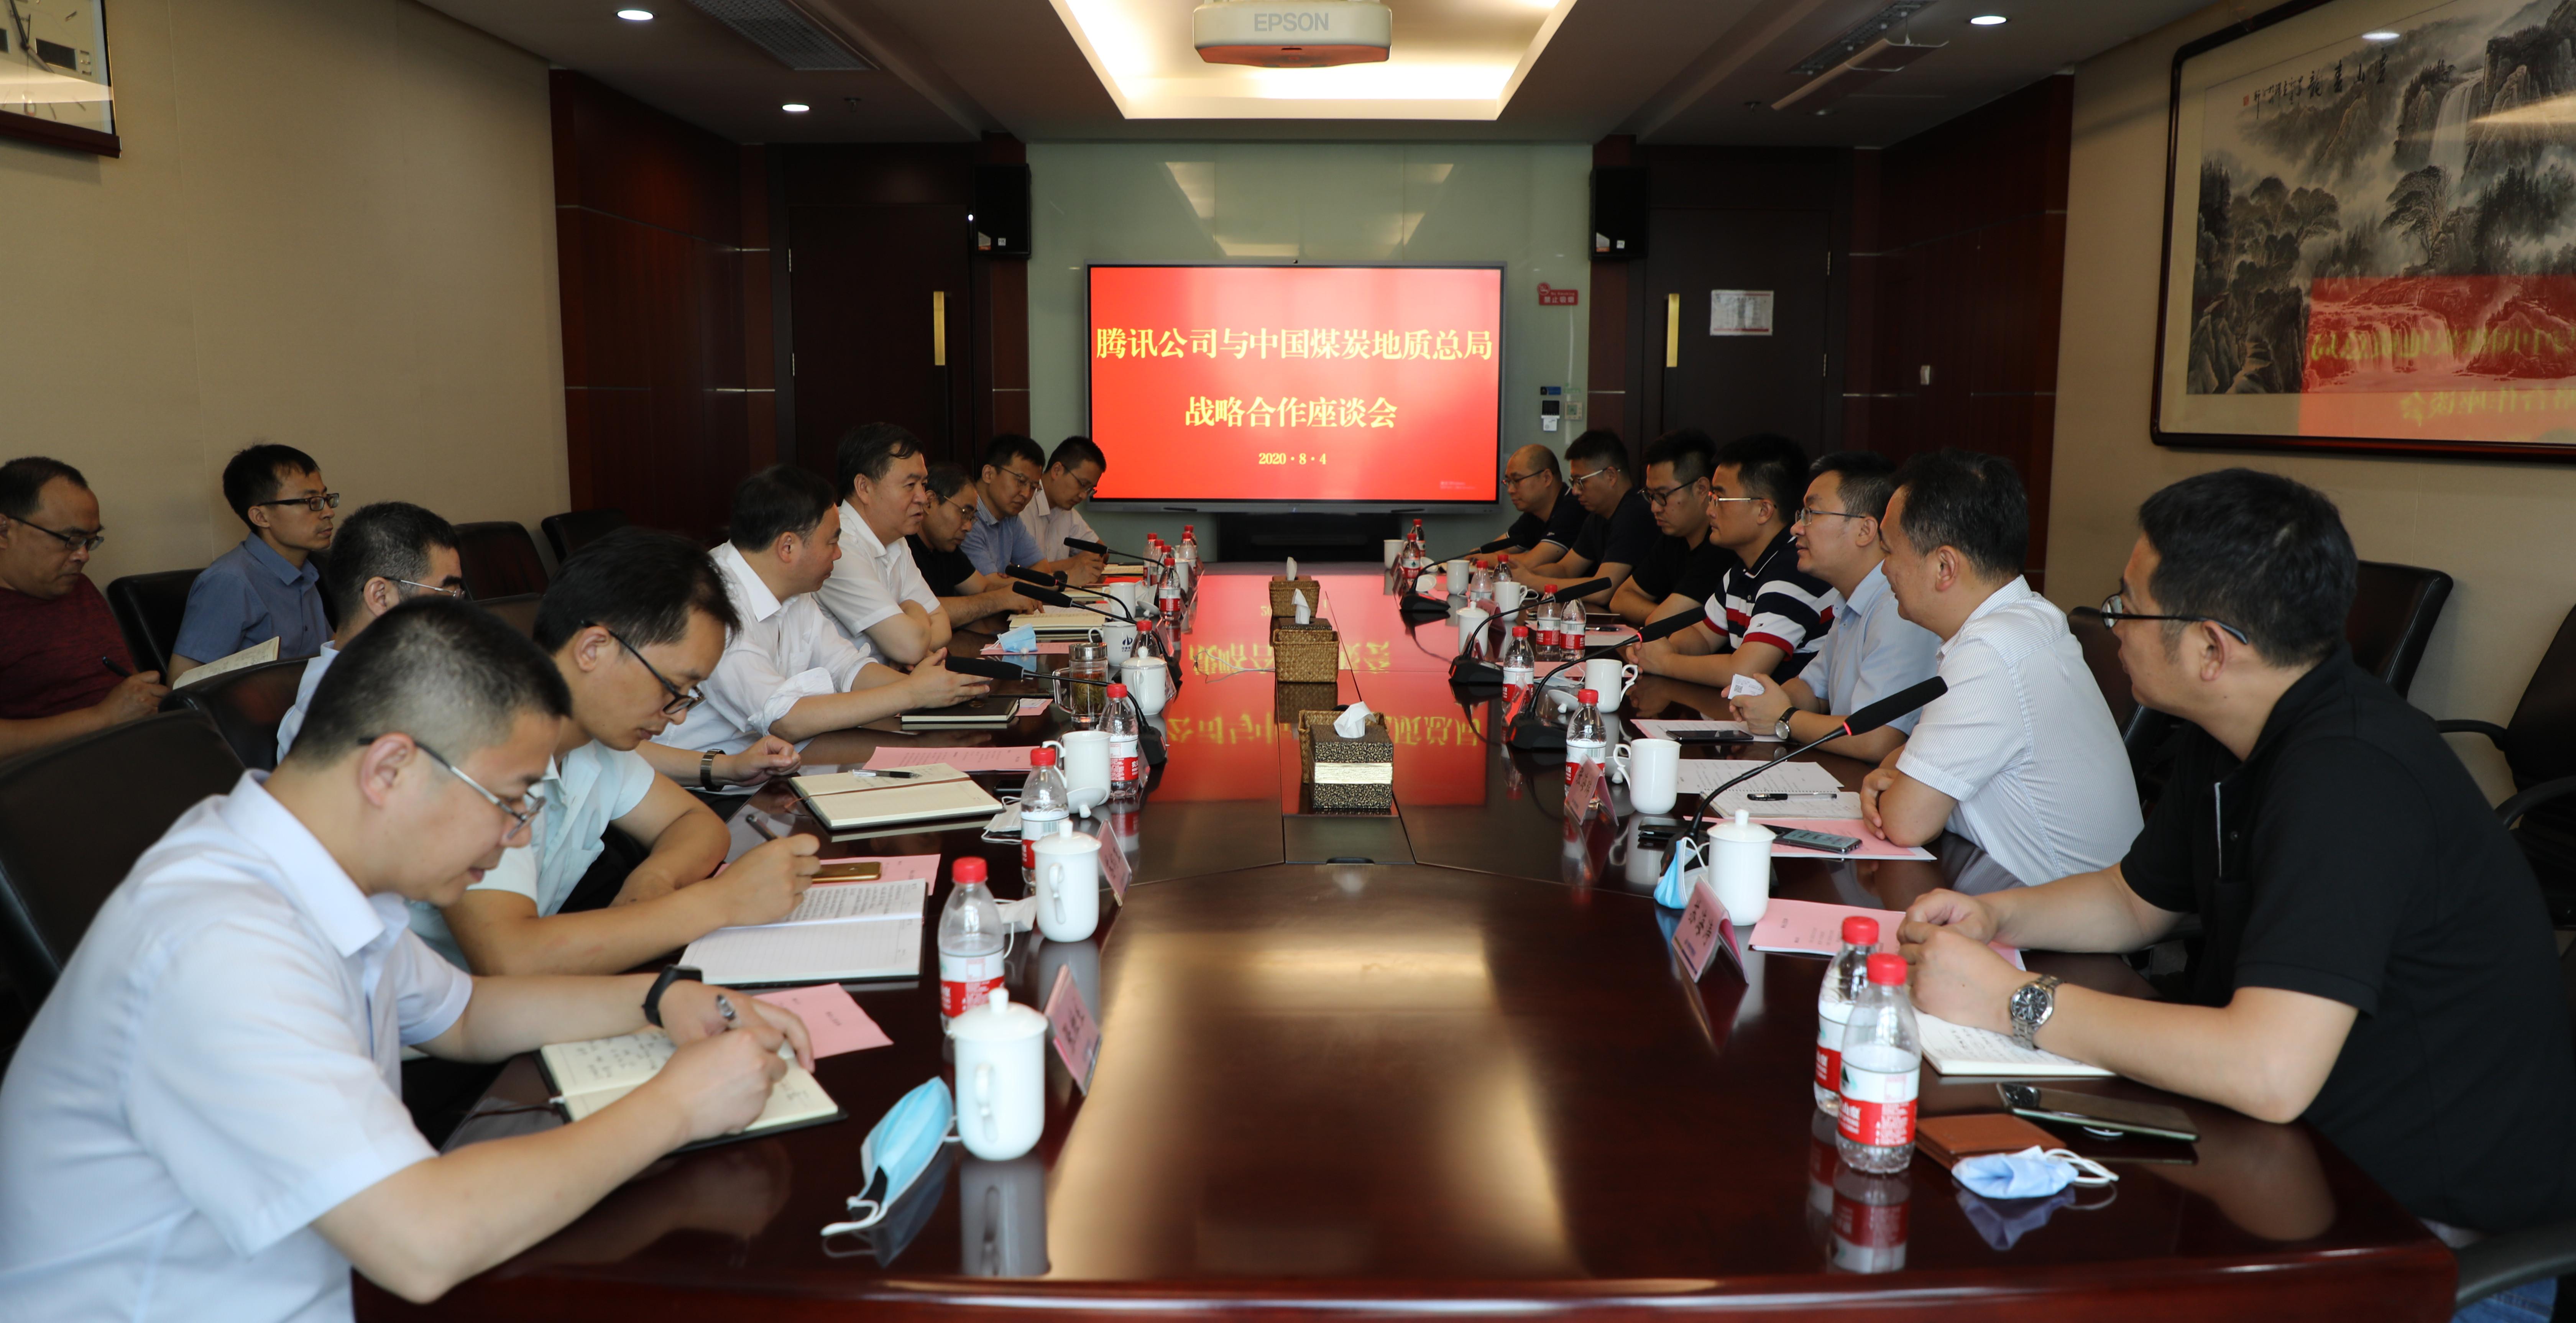 腾讯公司副总裁王寒冰、潜能恒信董事长周锦明来访 赵平分别会见 希望加强全面合作